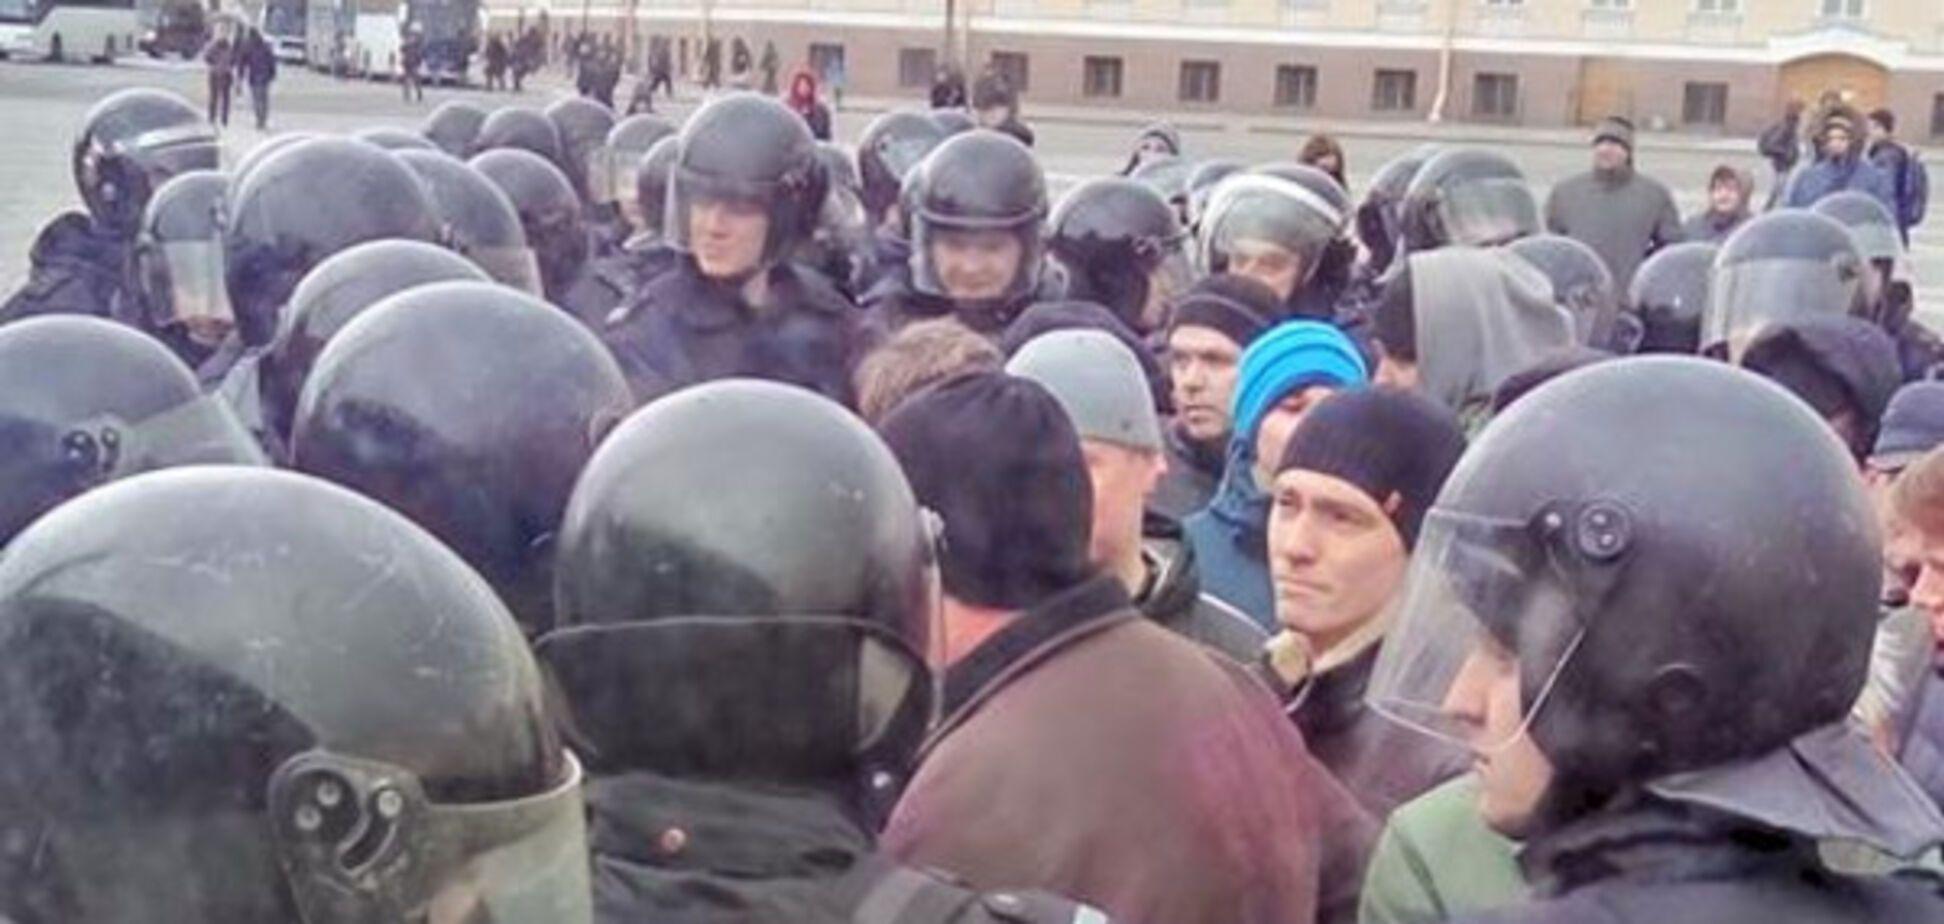 Опасайтесь людей с ... яйцами, или Протесты в России растут